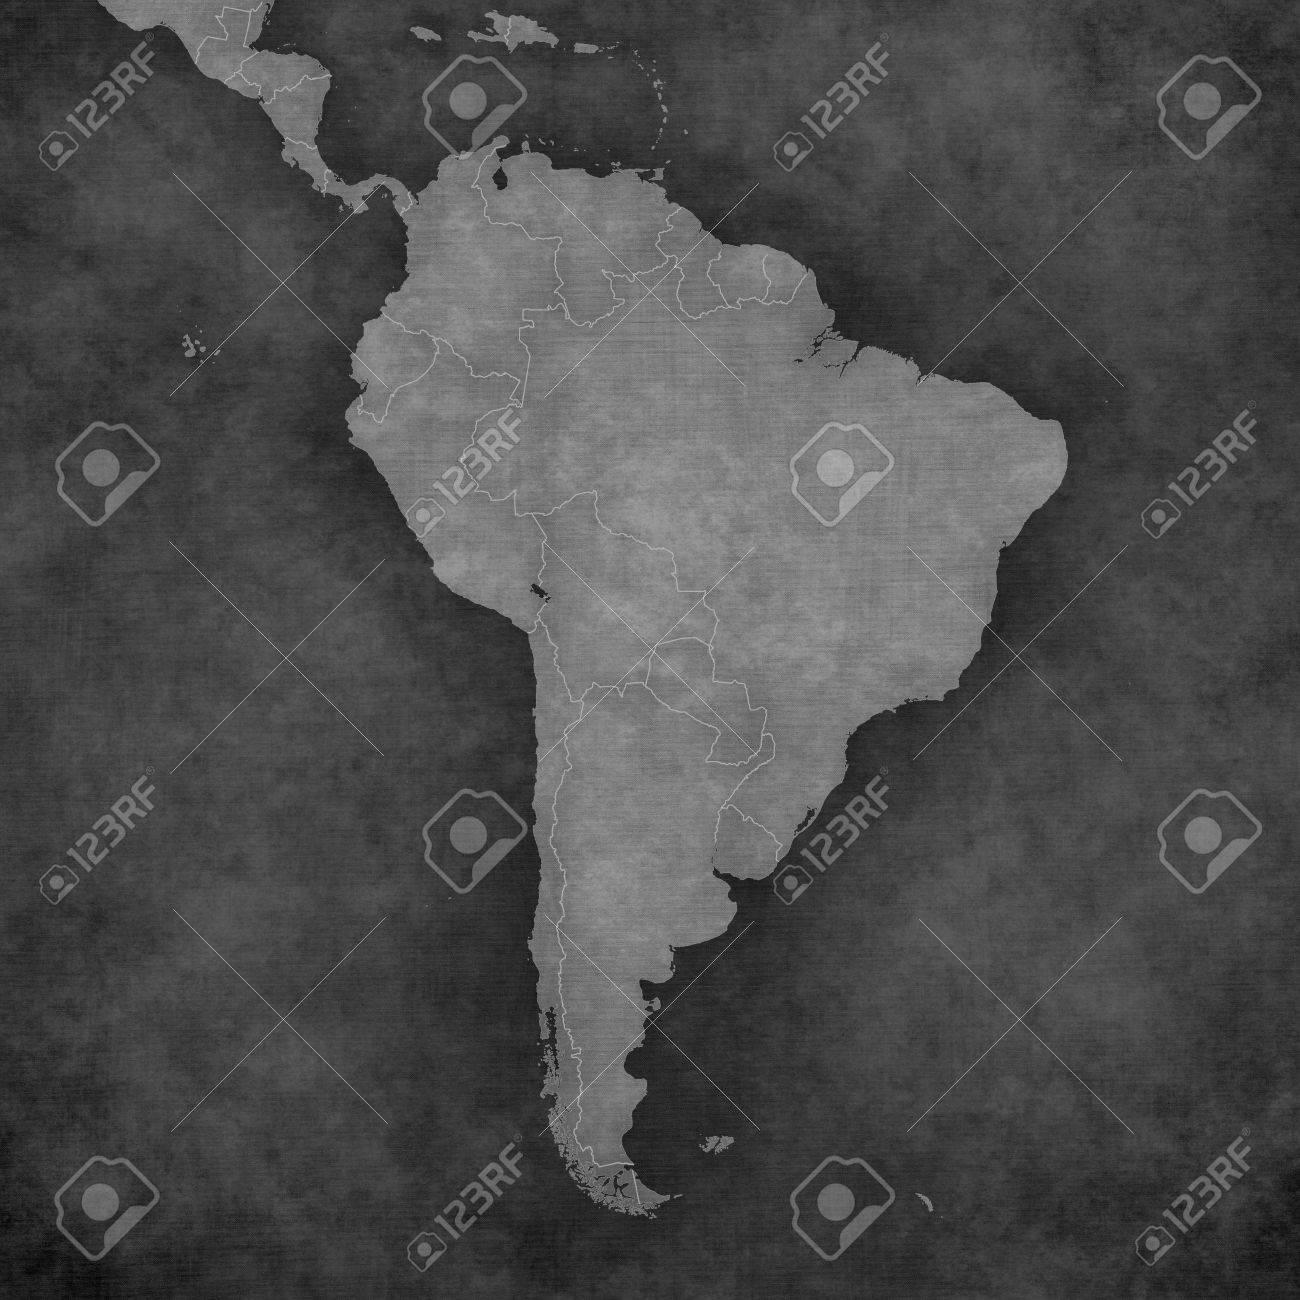 Carte Vierge De L Amérique Du Sud Avec Les Frontières Des Pays La Carte Est Dans Le Style Noir Et Blanc Vintage La Carte A Grunge Doux Et Rétro